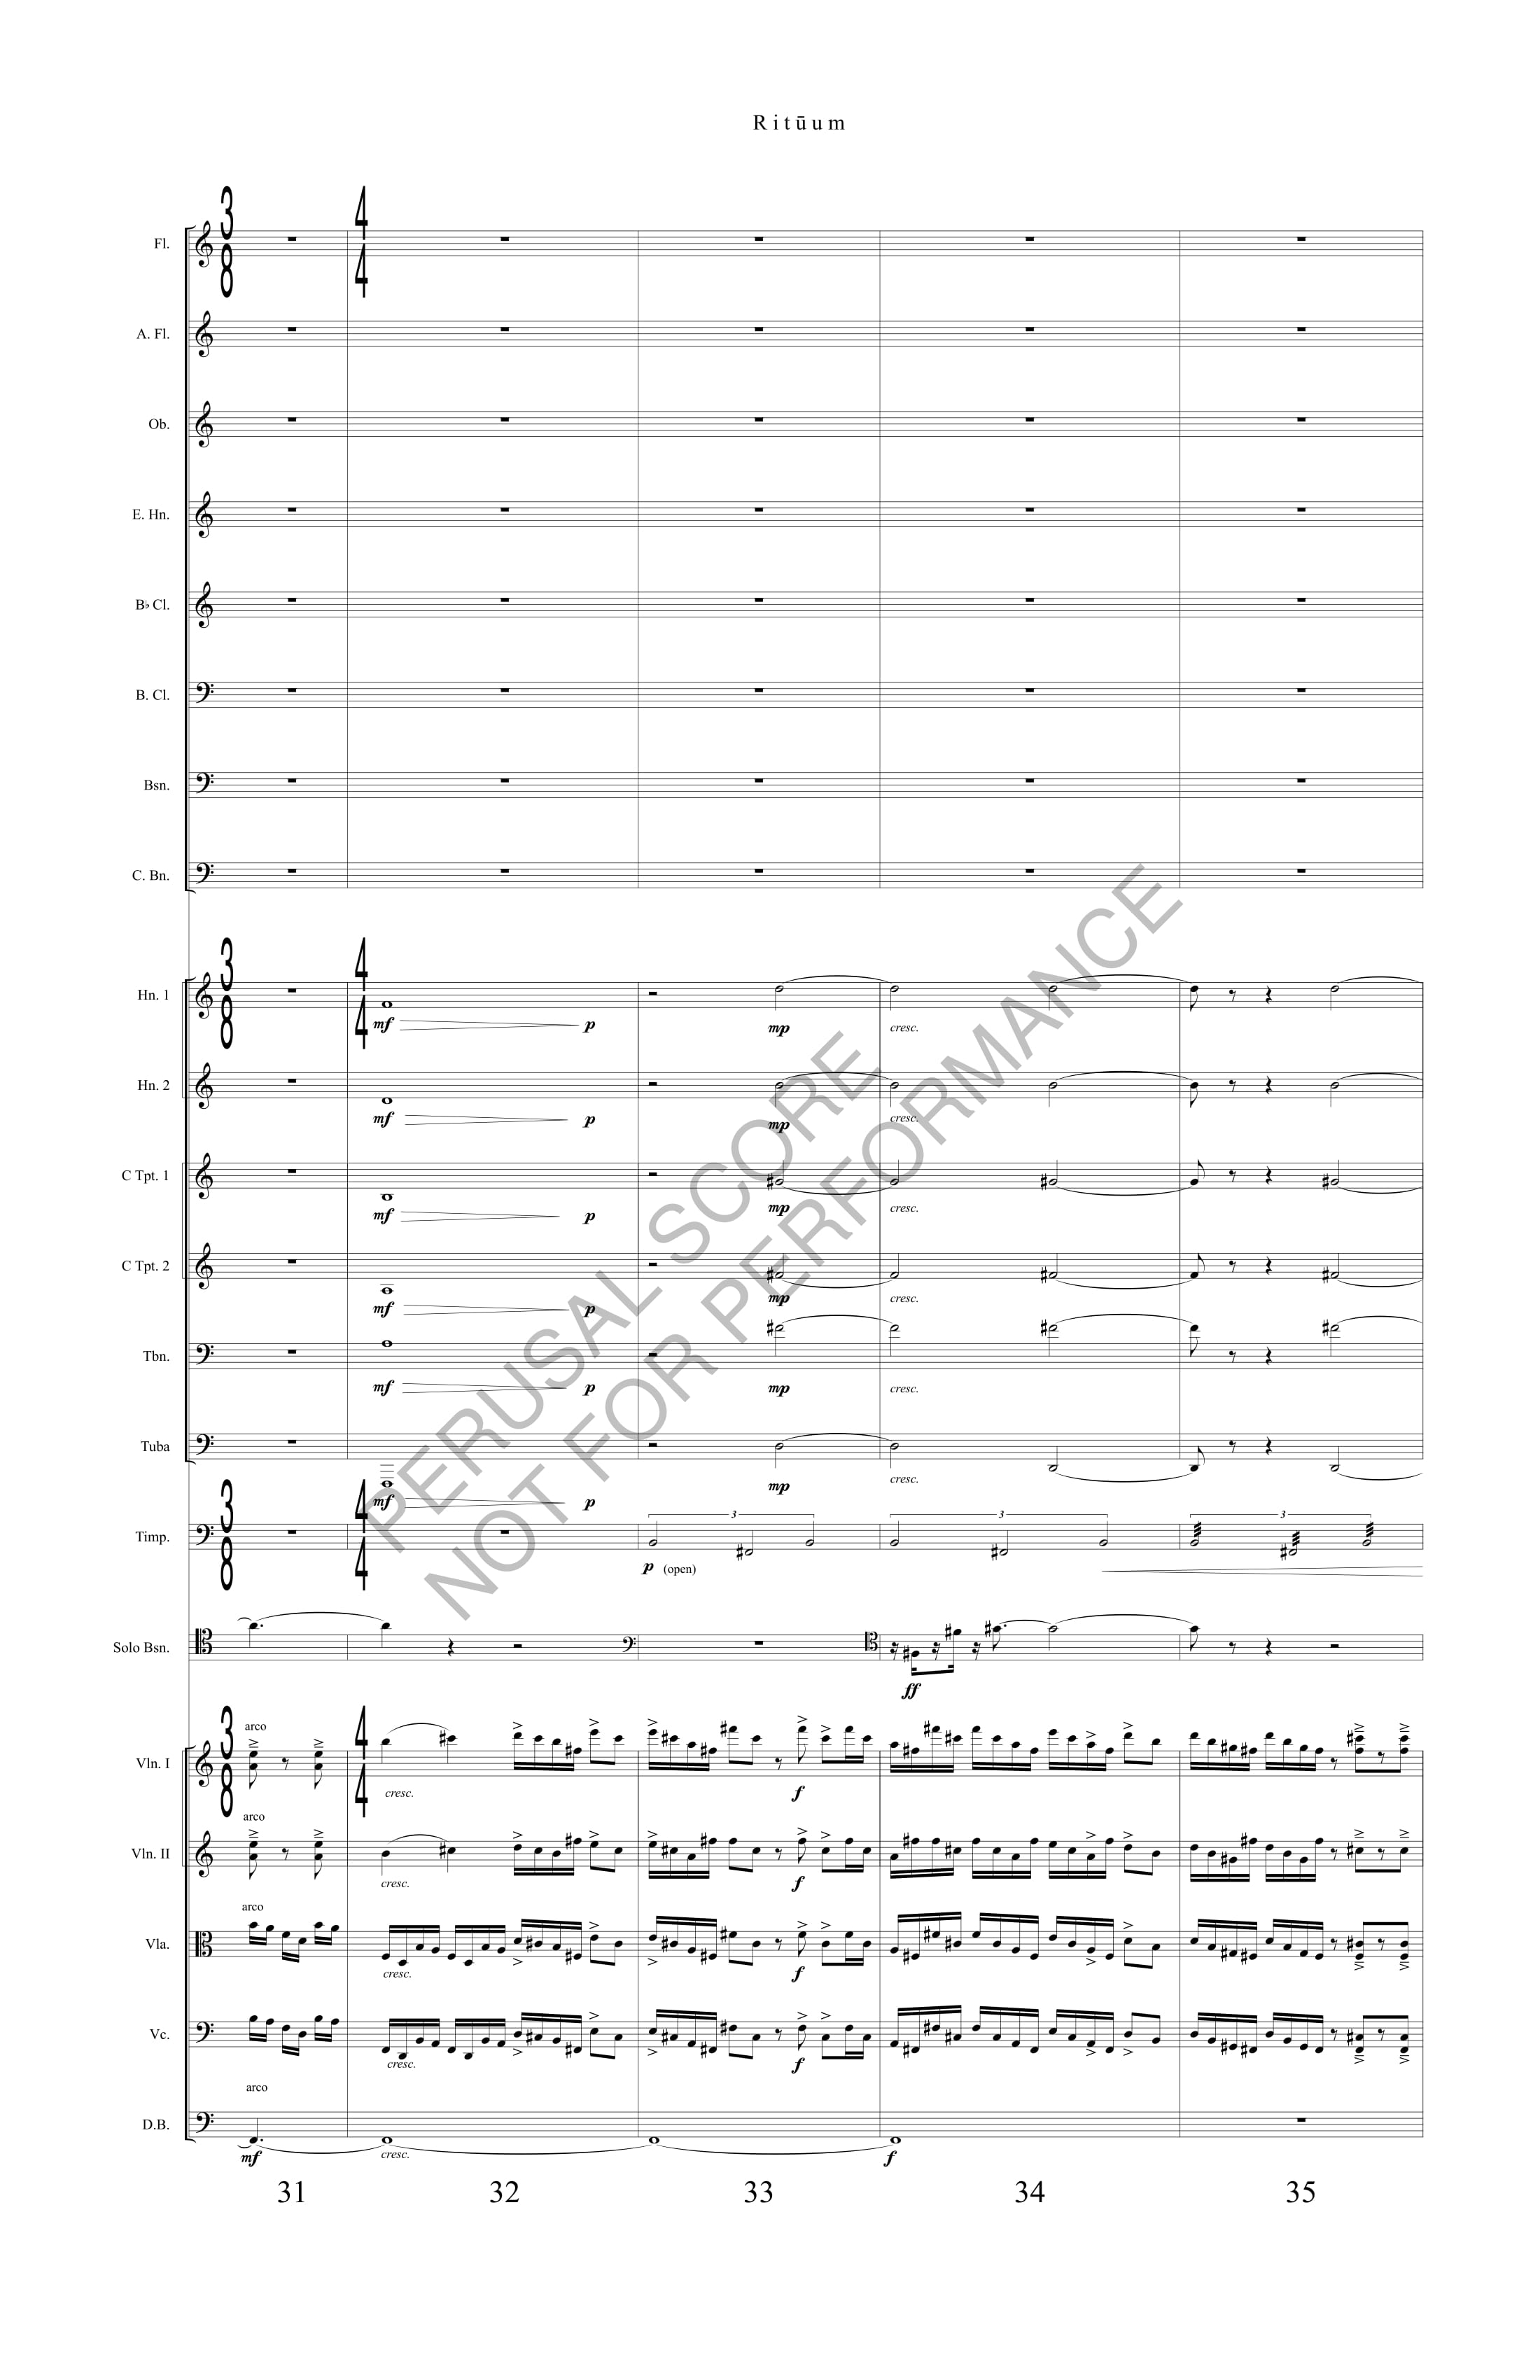 Boyd Rituum Score-watermark (1)-13.jpg